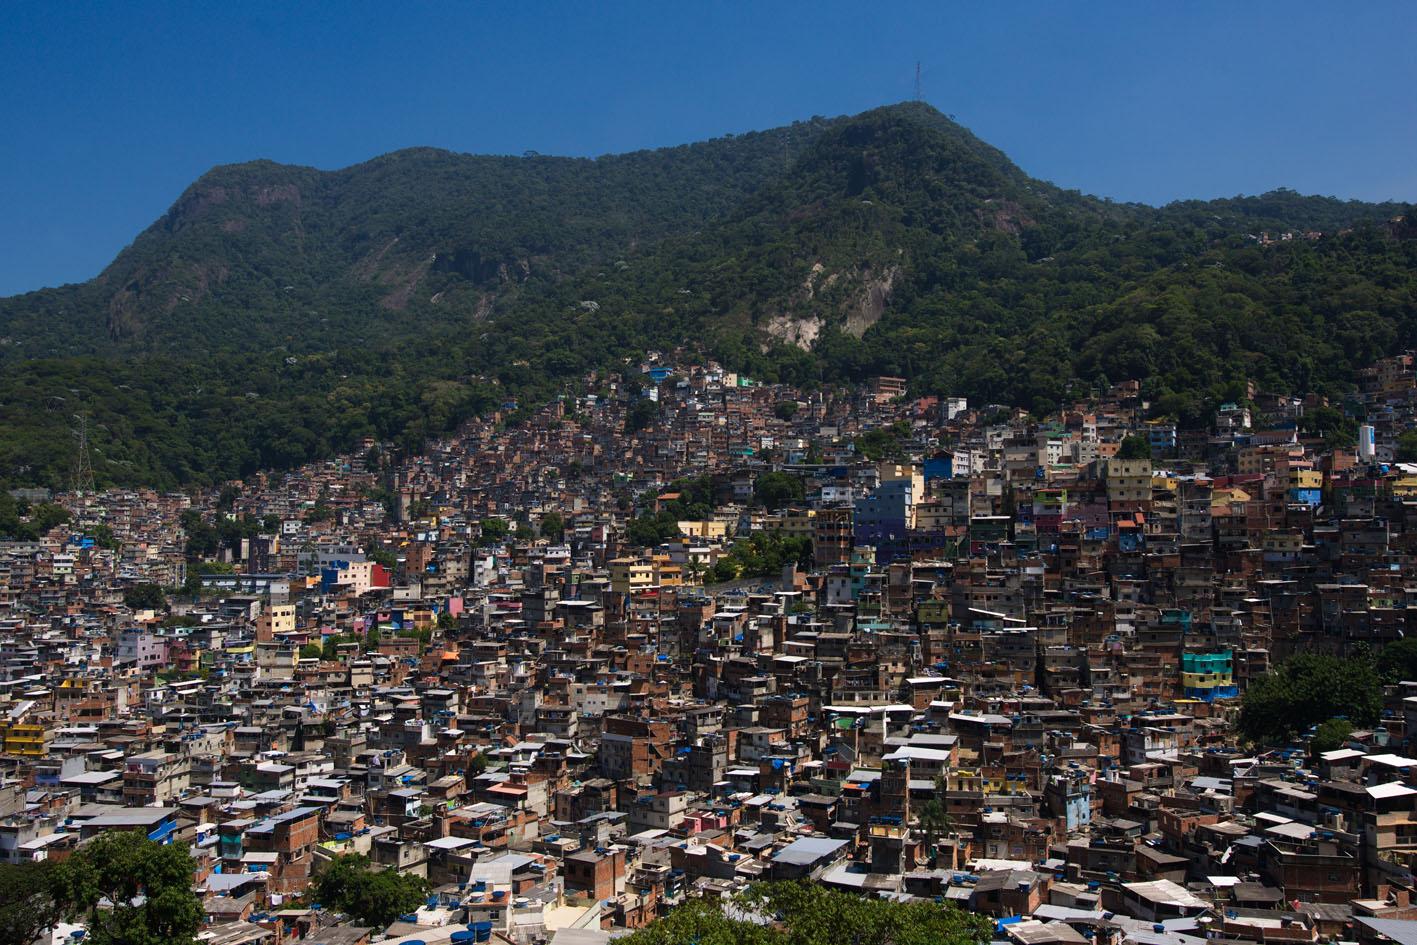 vivere nella favela